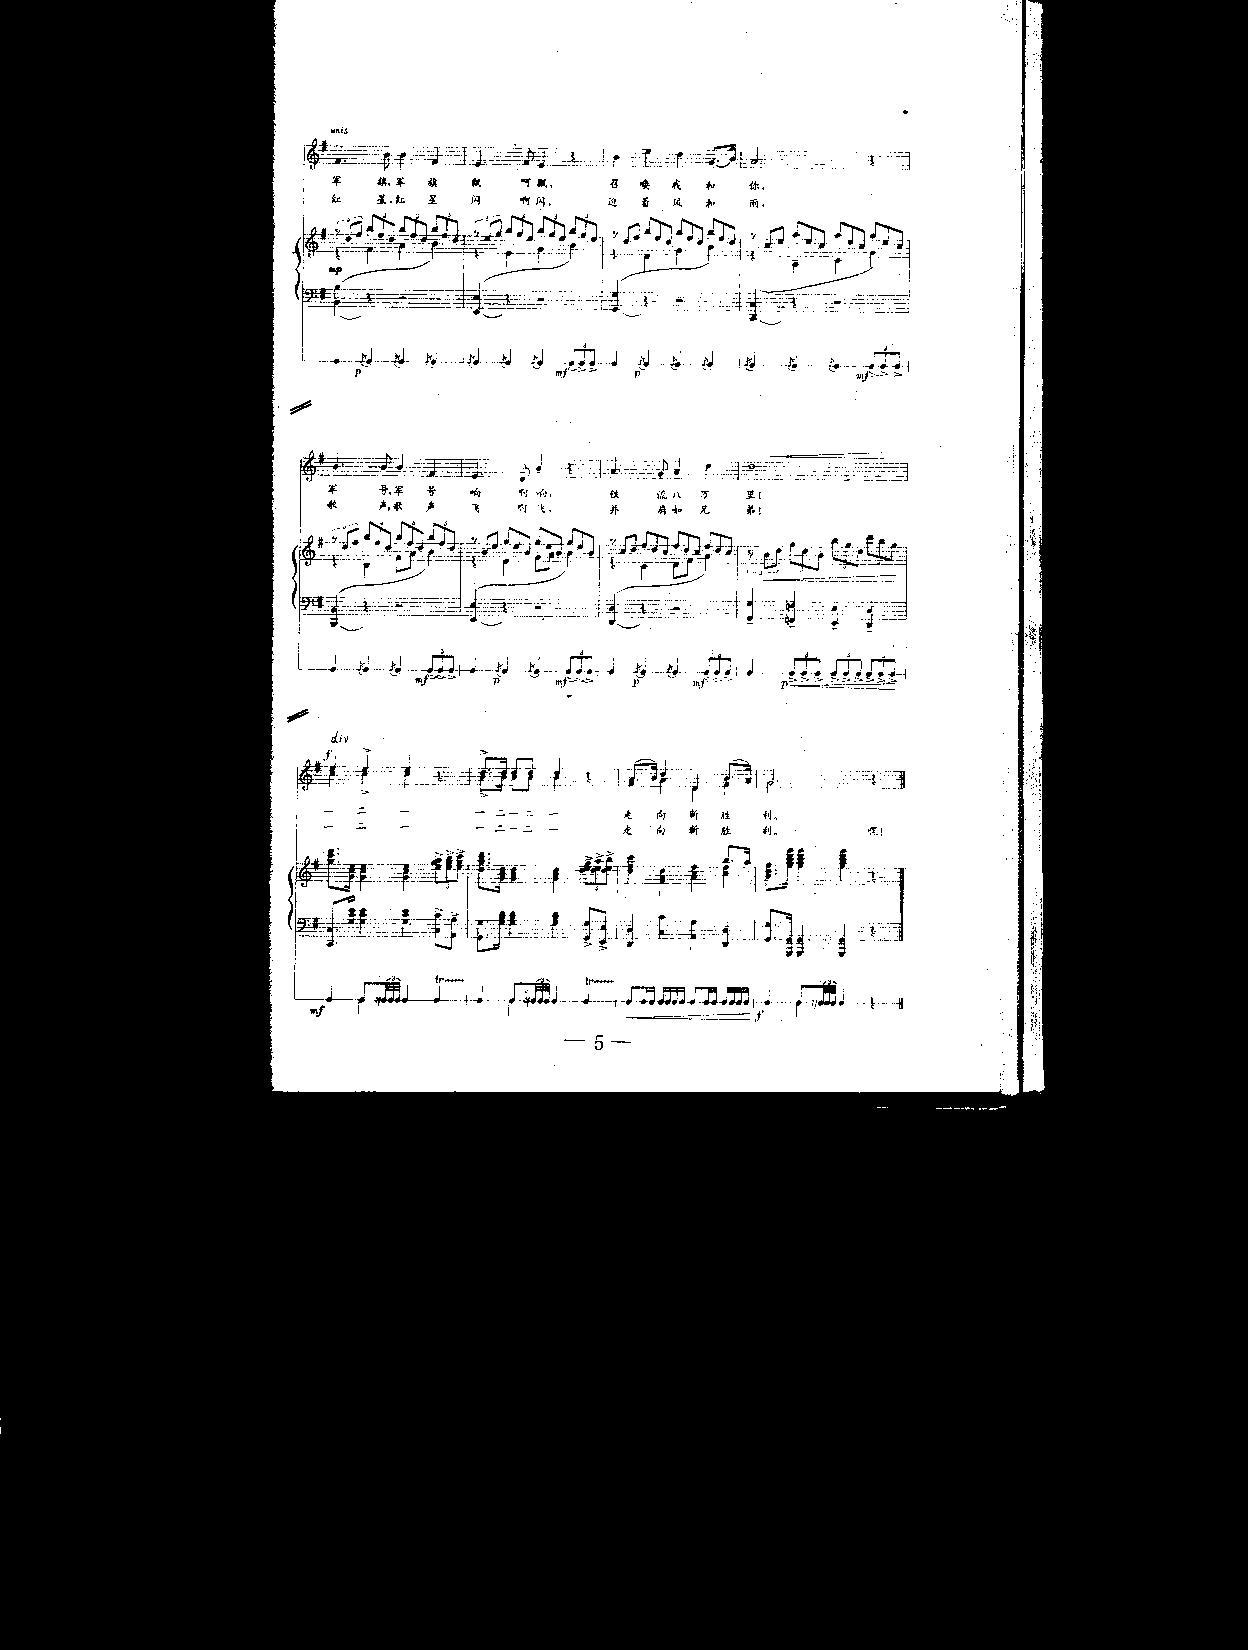 军队节奏(齐唱+钢伴)钢琴曲谱(图2)